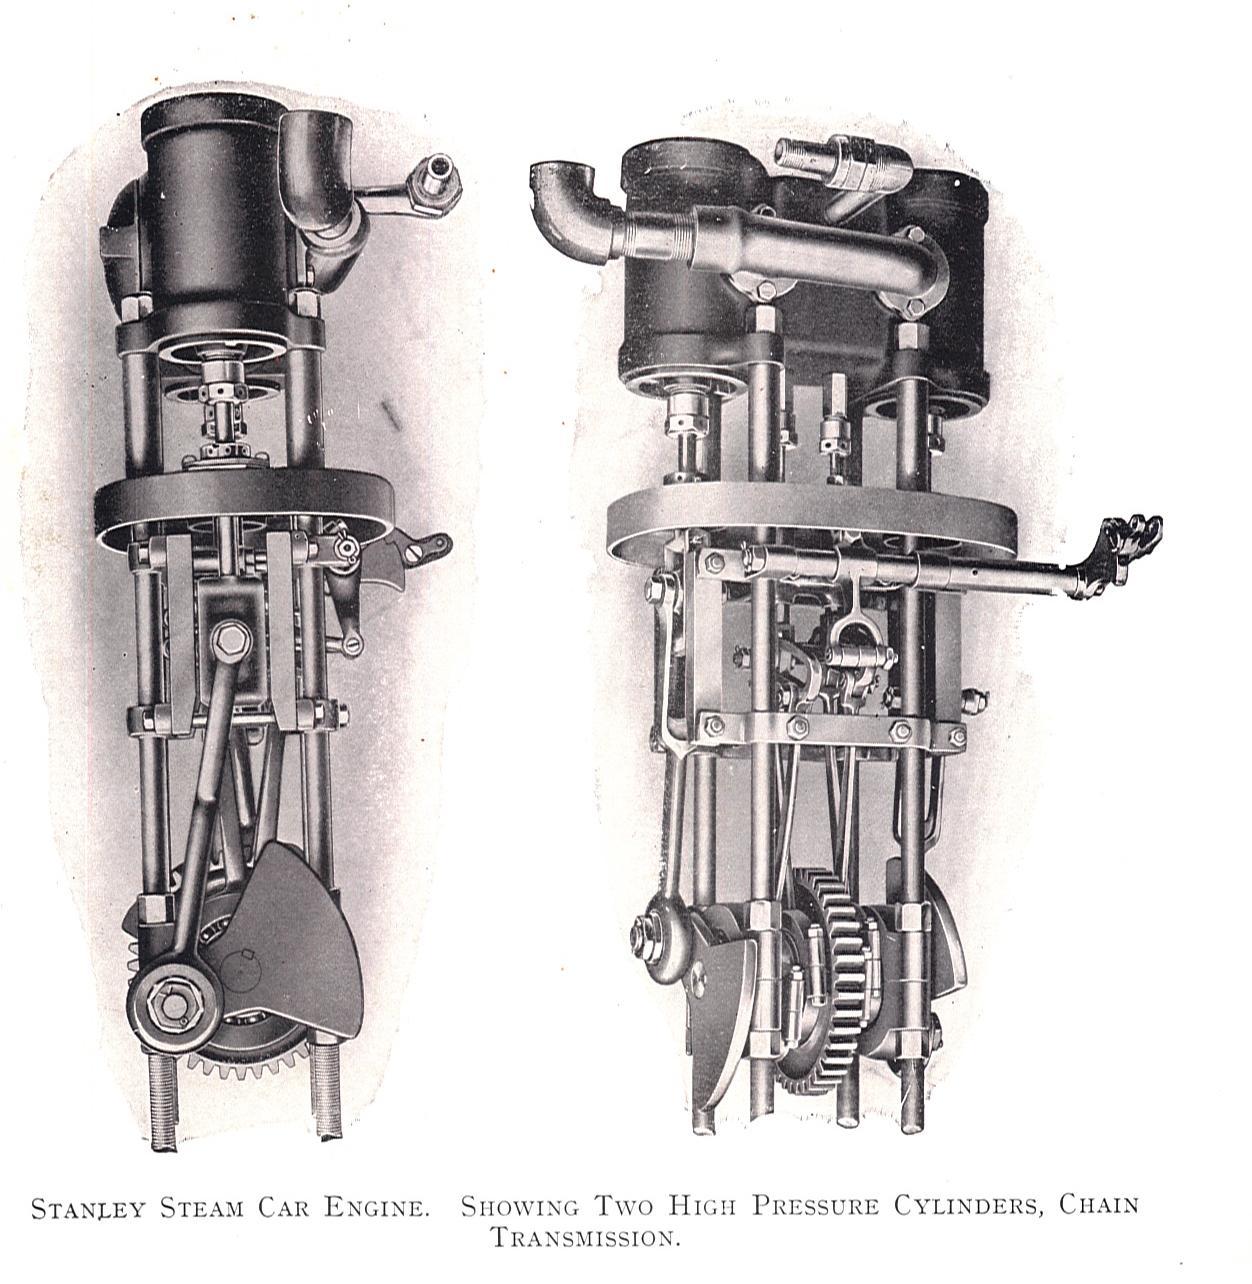 Stanley_steam_car_engine.jpg